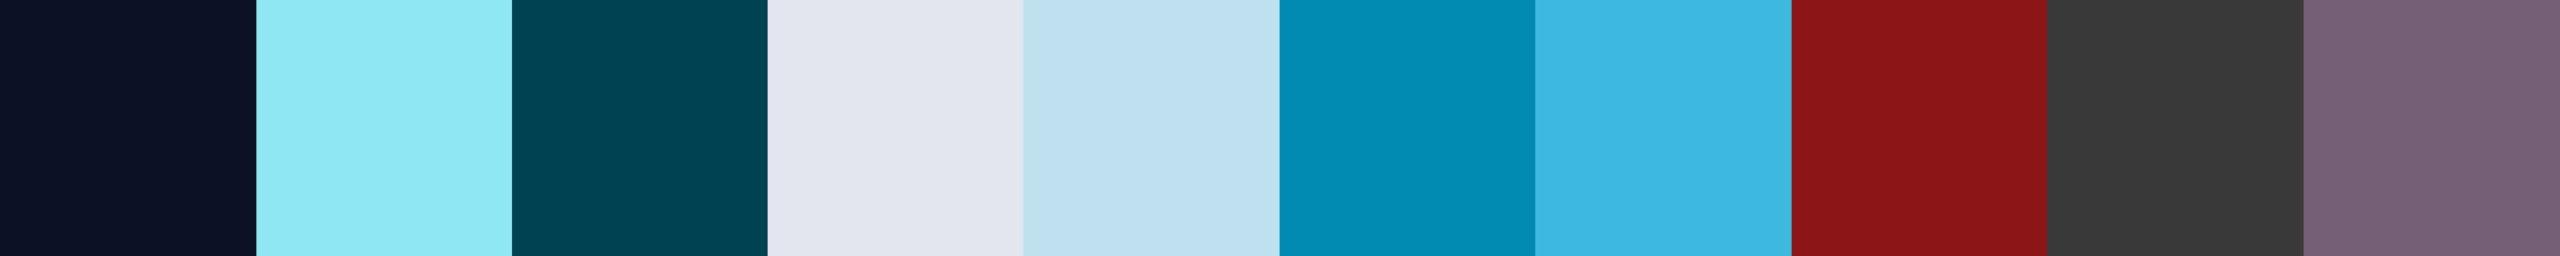 791 Crigia Color Palette